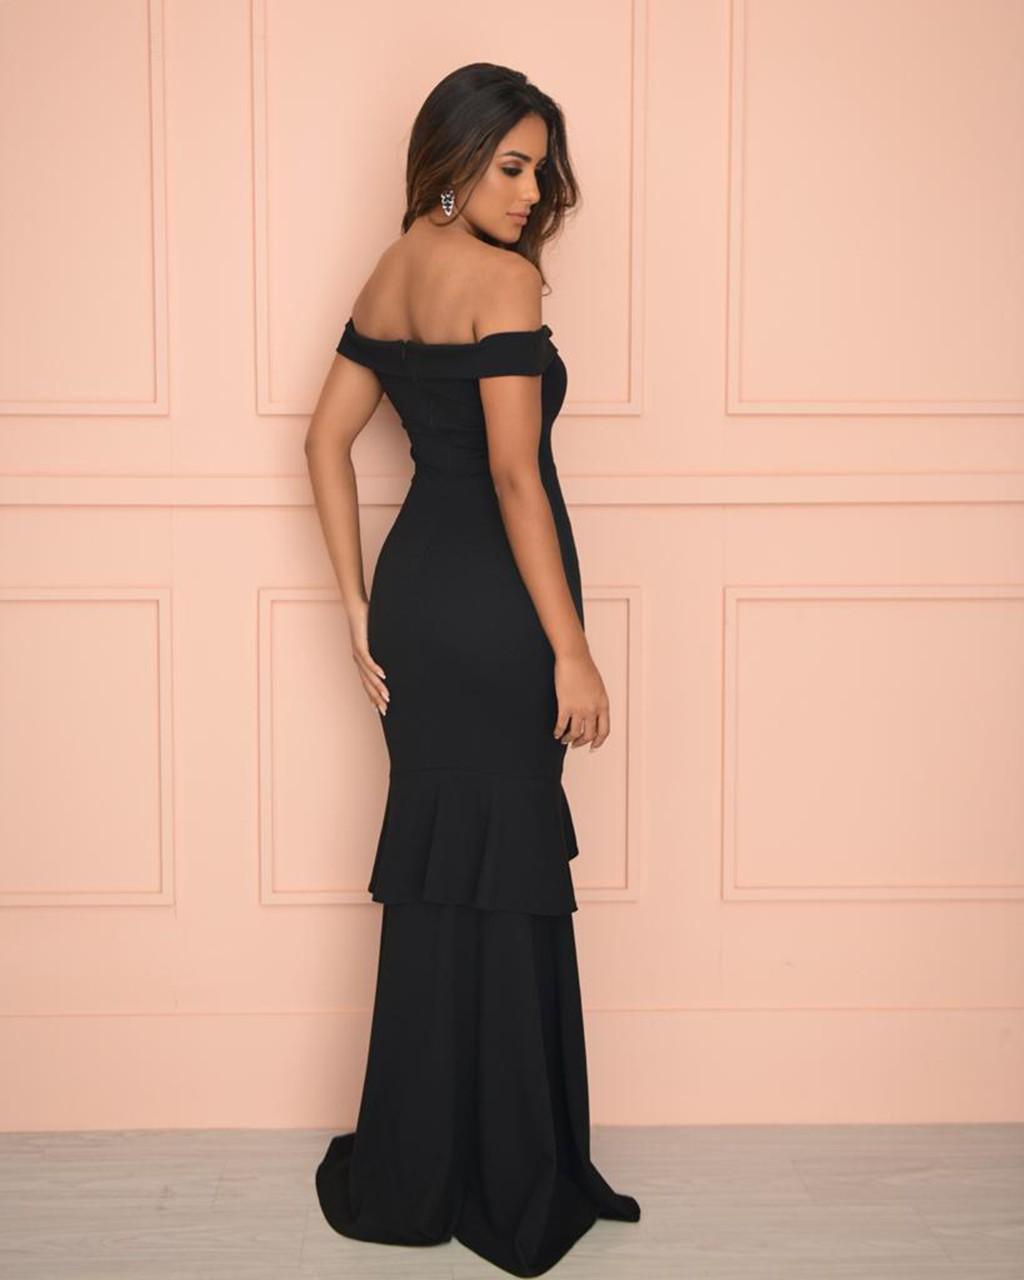 Vestido Cintia  - Empório NM